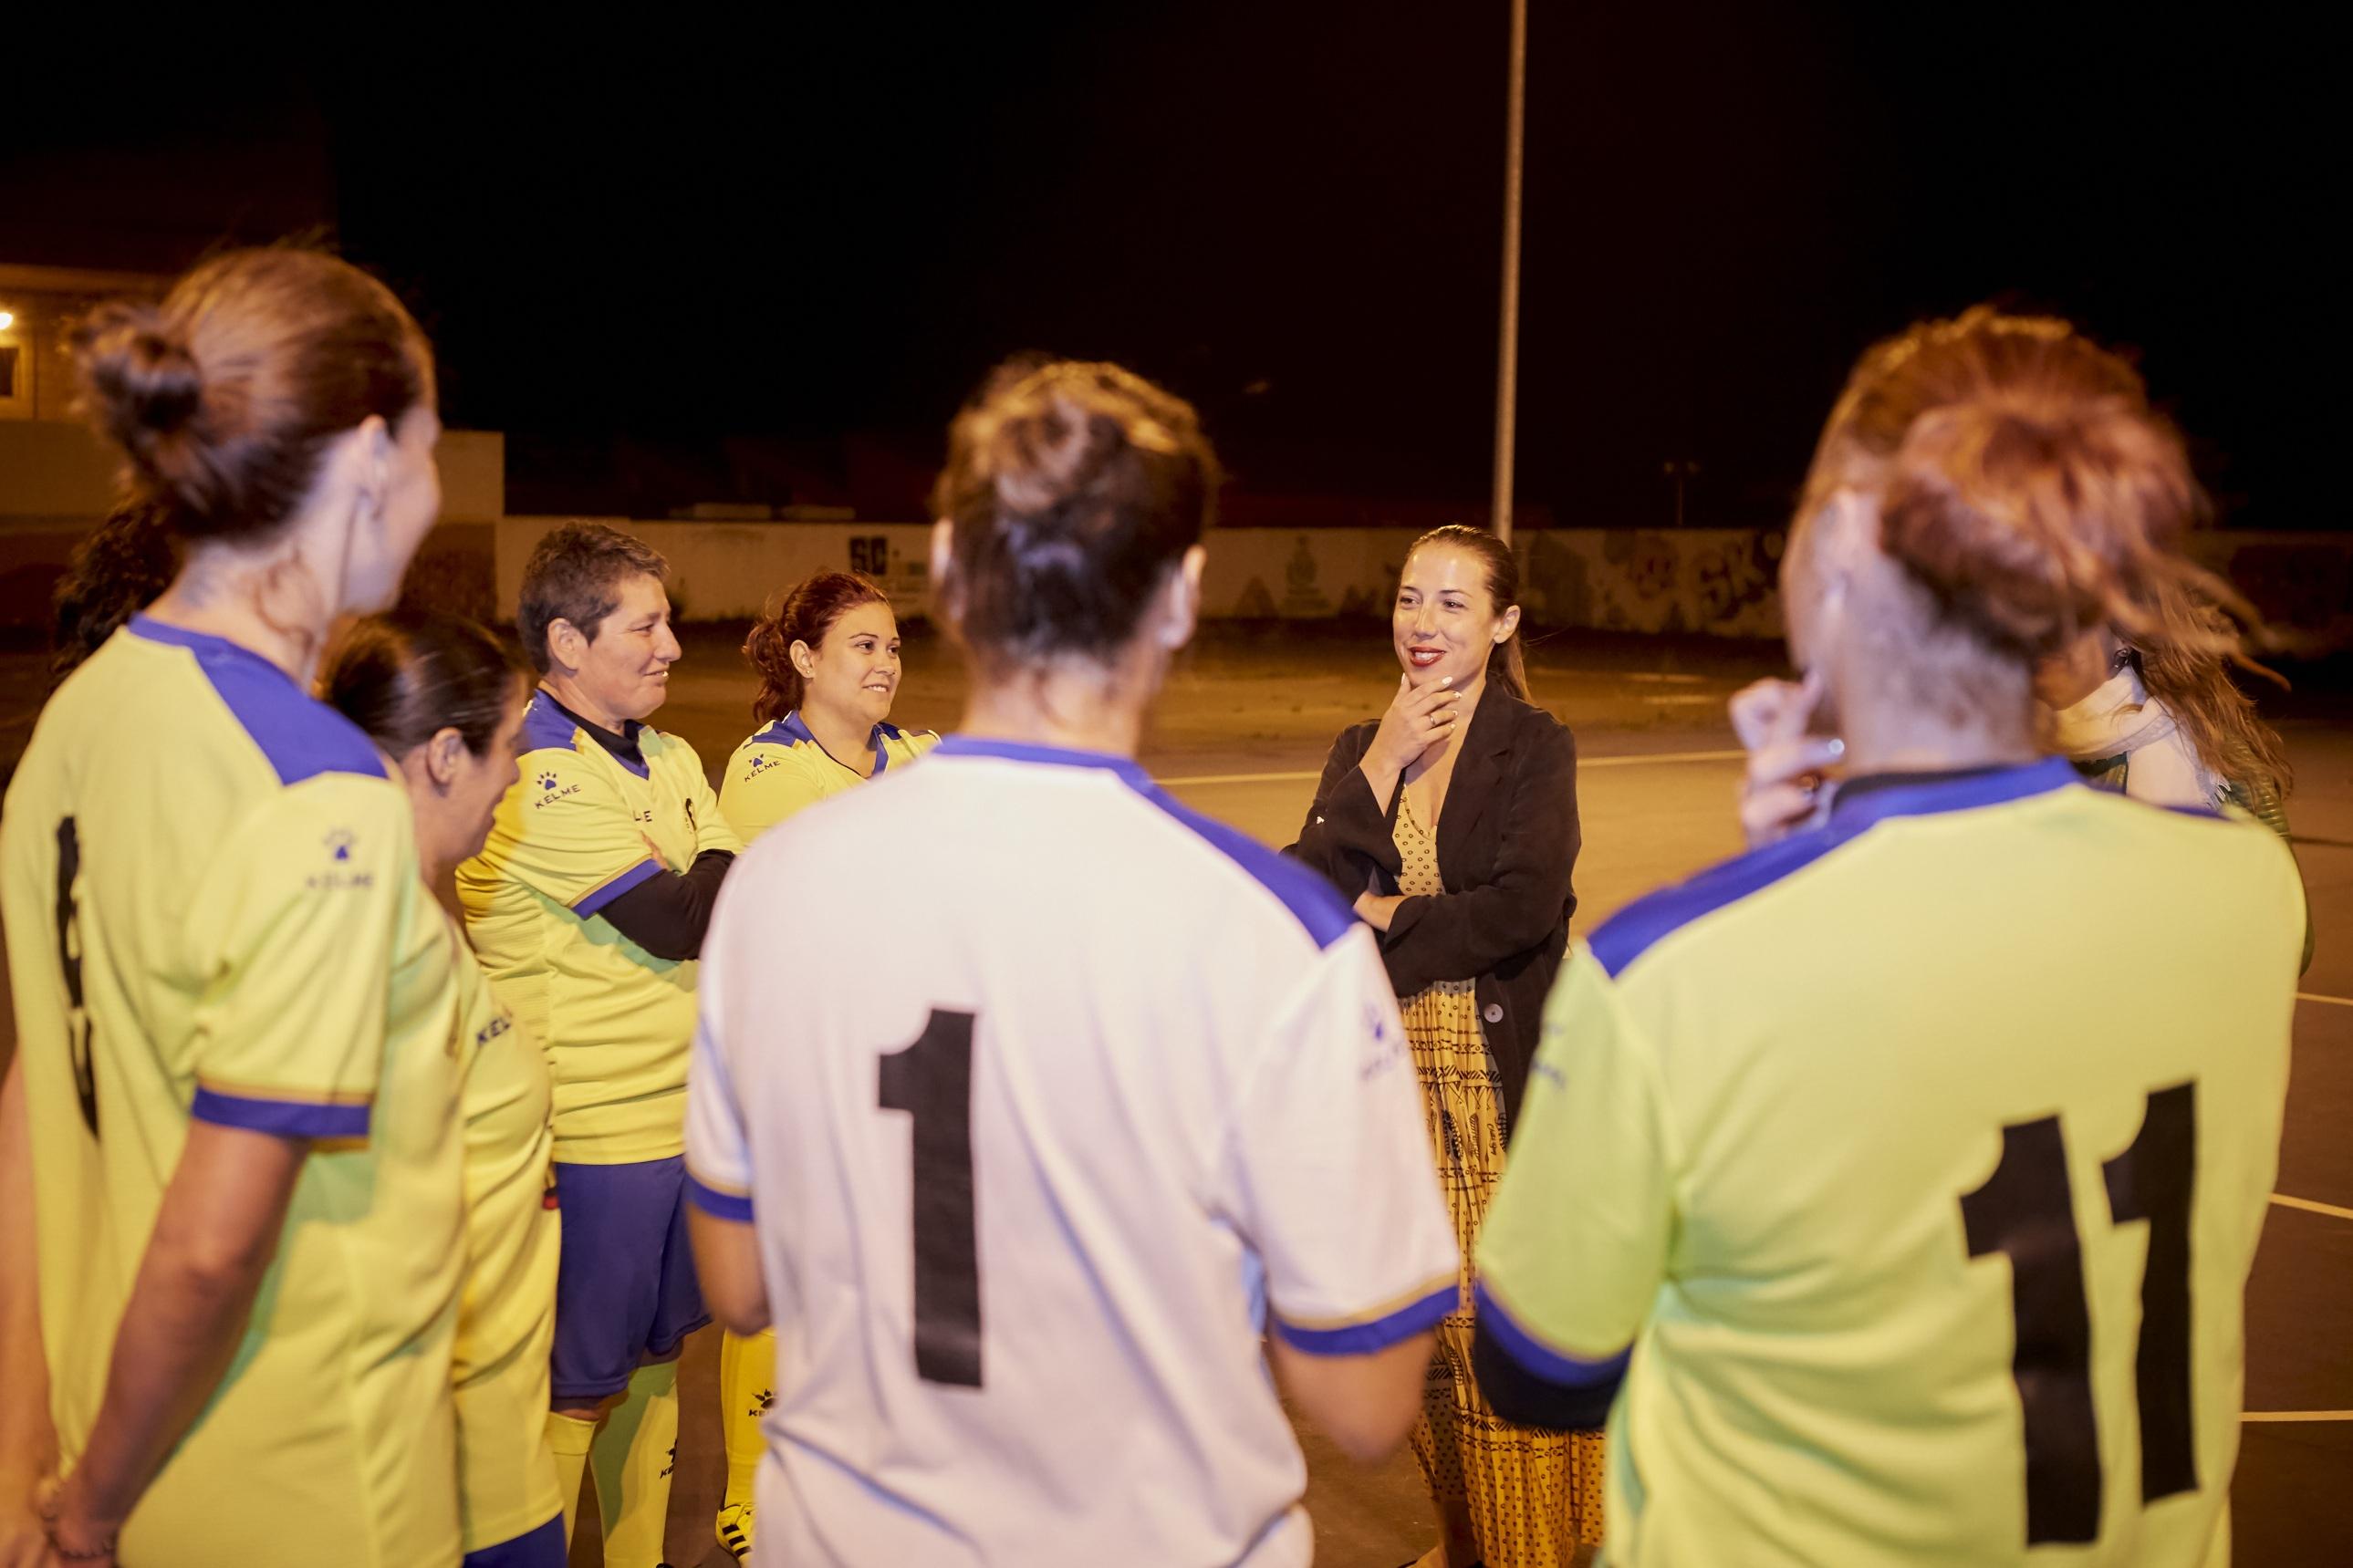 La alcaldesa de Santa Cruz de Tenerife muestra su apoyo al equipo de fútbol sala femenino